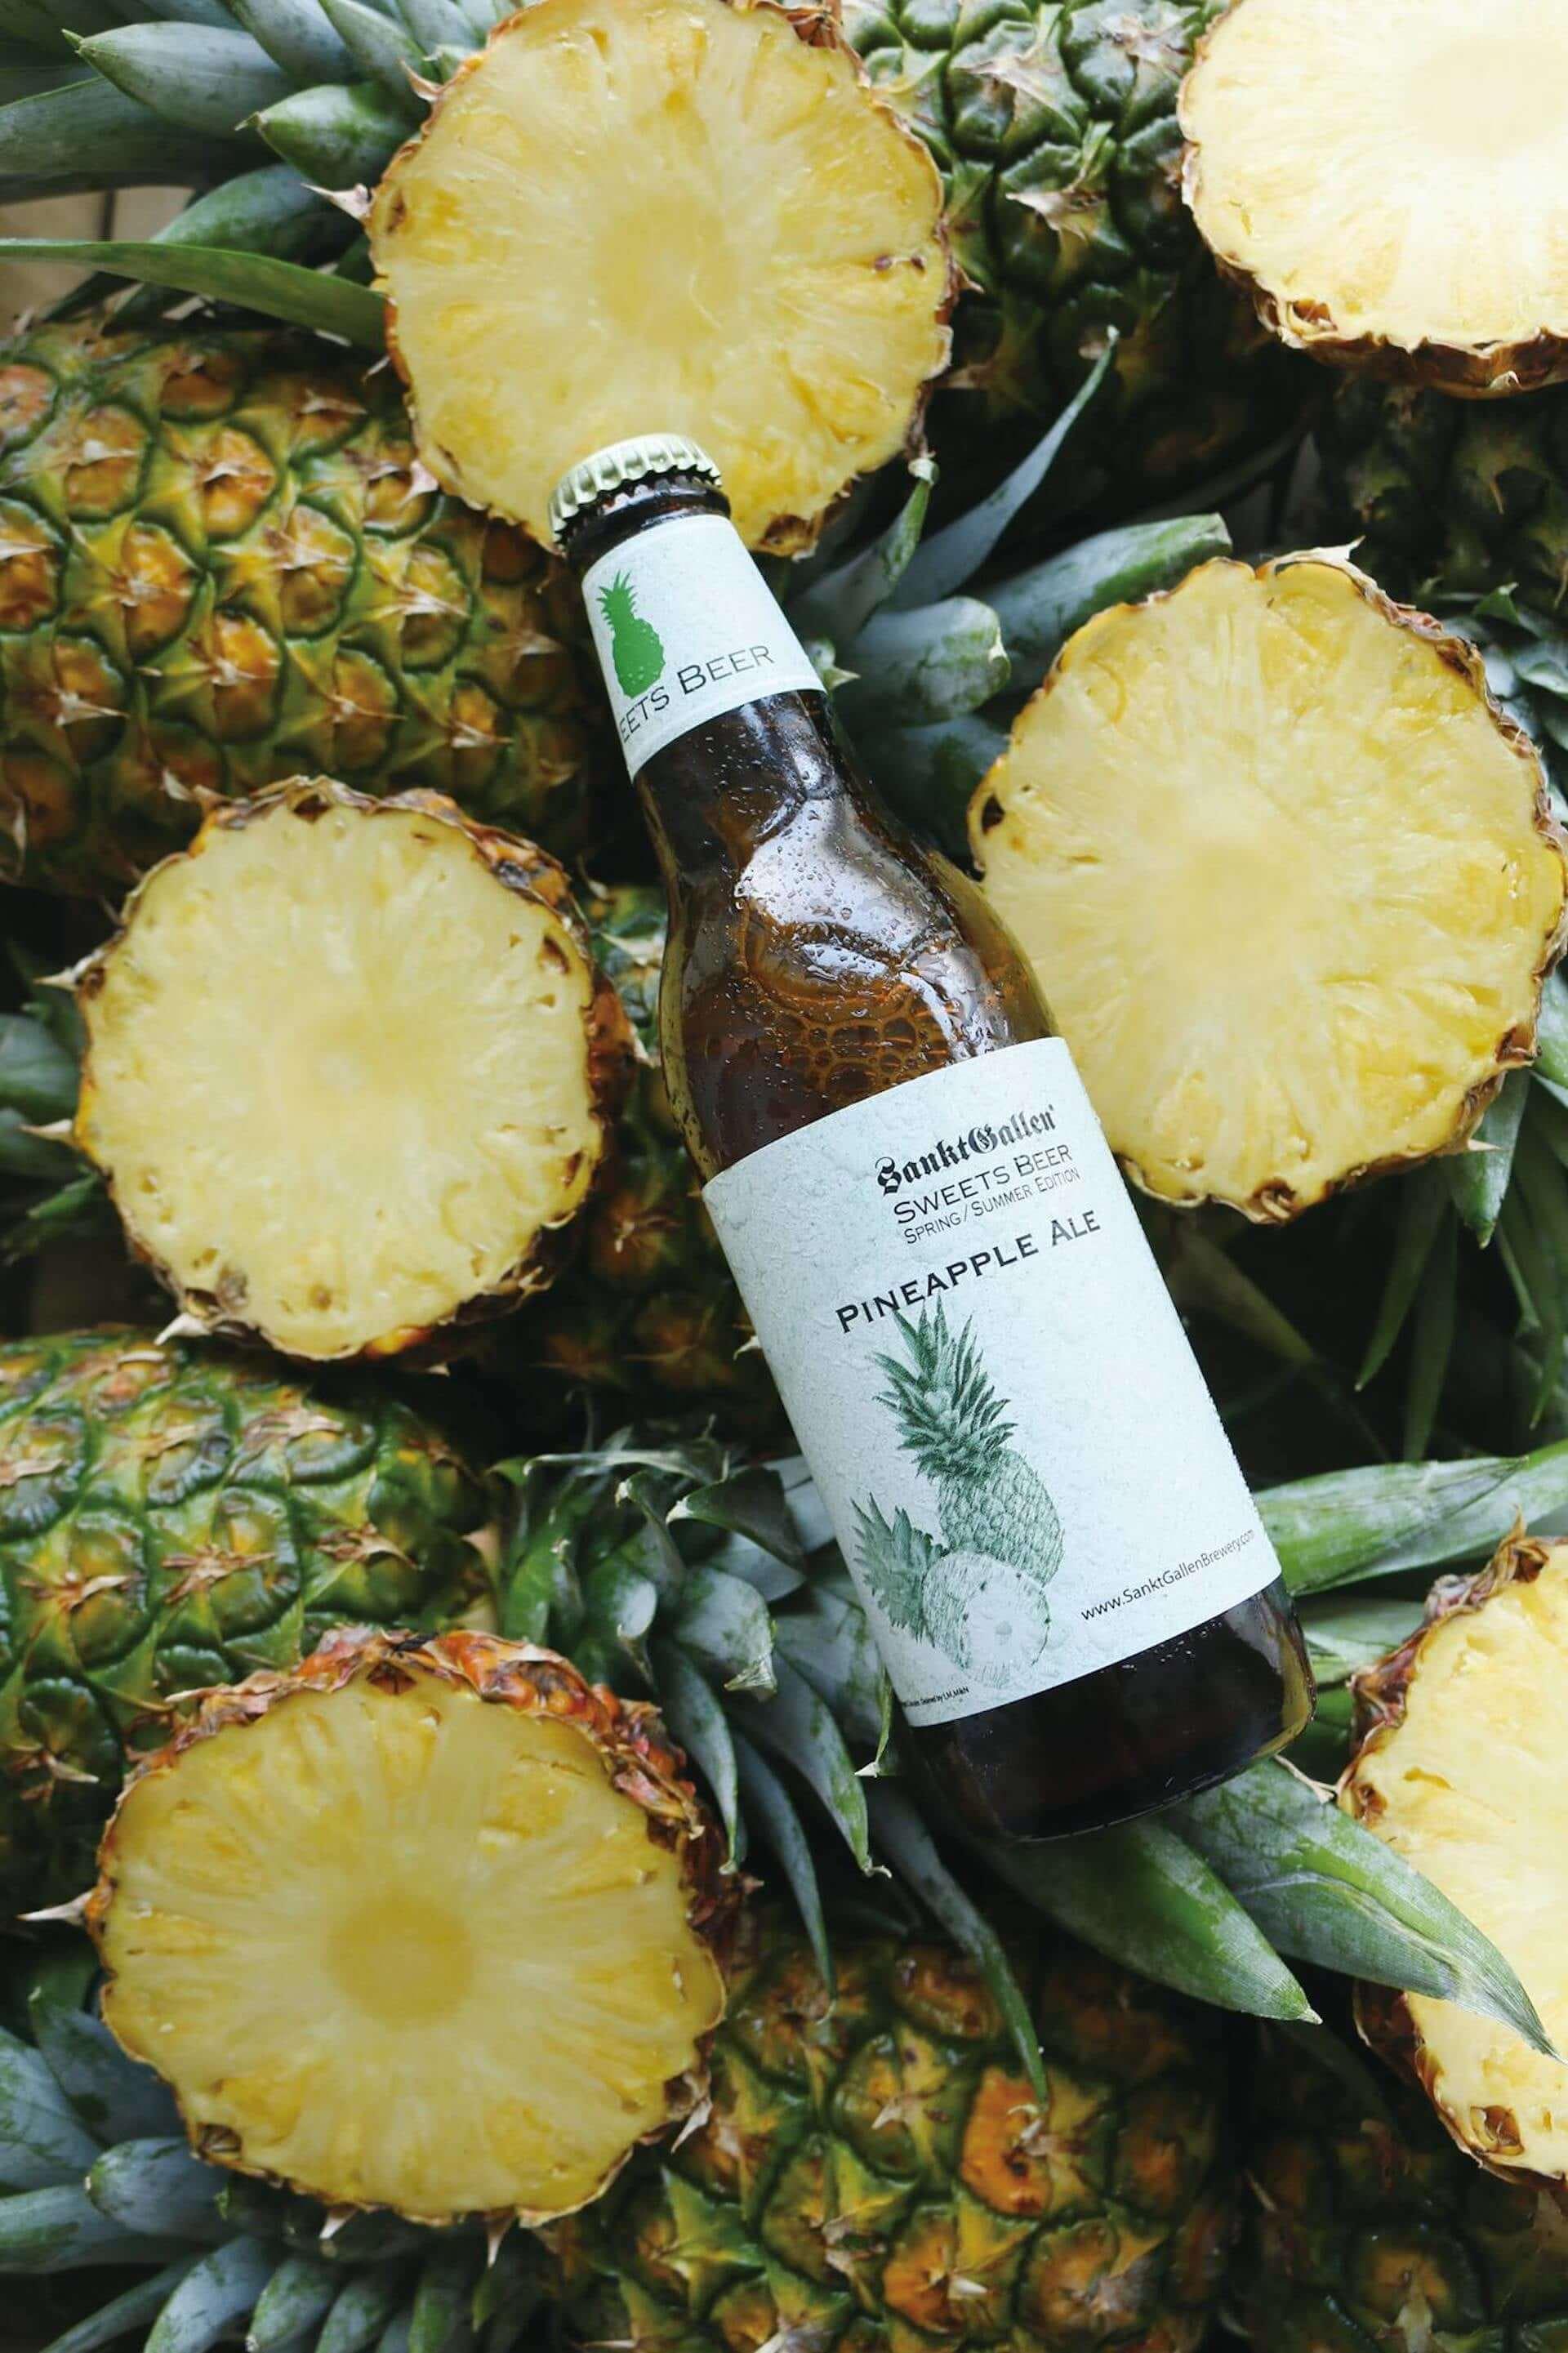 人工物を使用しないパイナップル風味のビールが登場!サンクトガーレン『パイナップルエール』が夏季限定発売決定 gourmet200414_sanktgallen_9-1920x2881